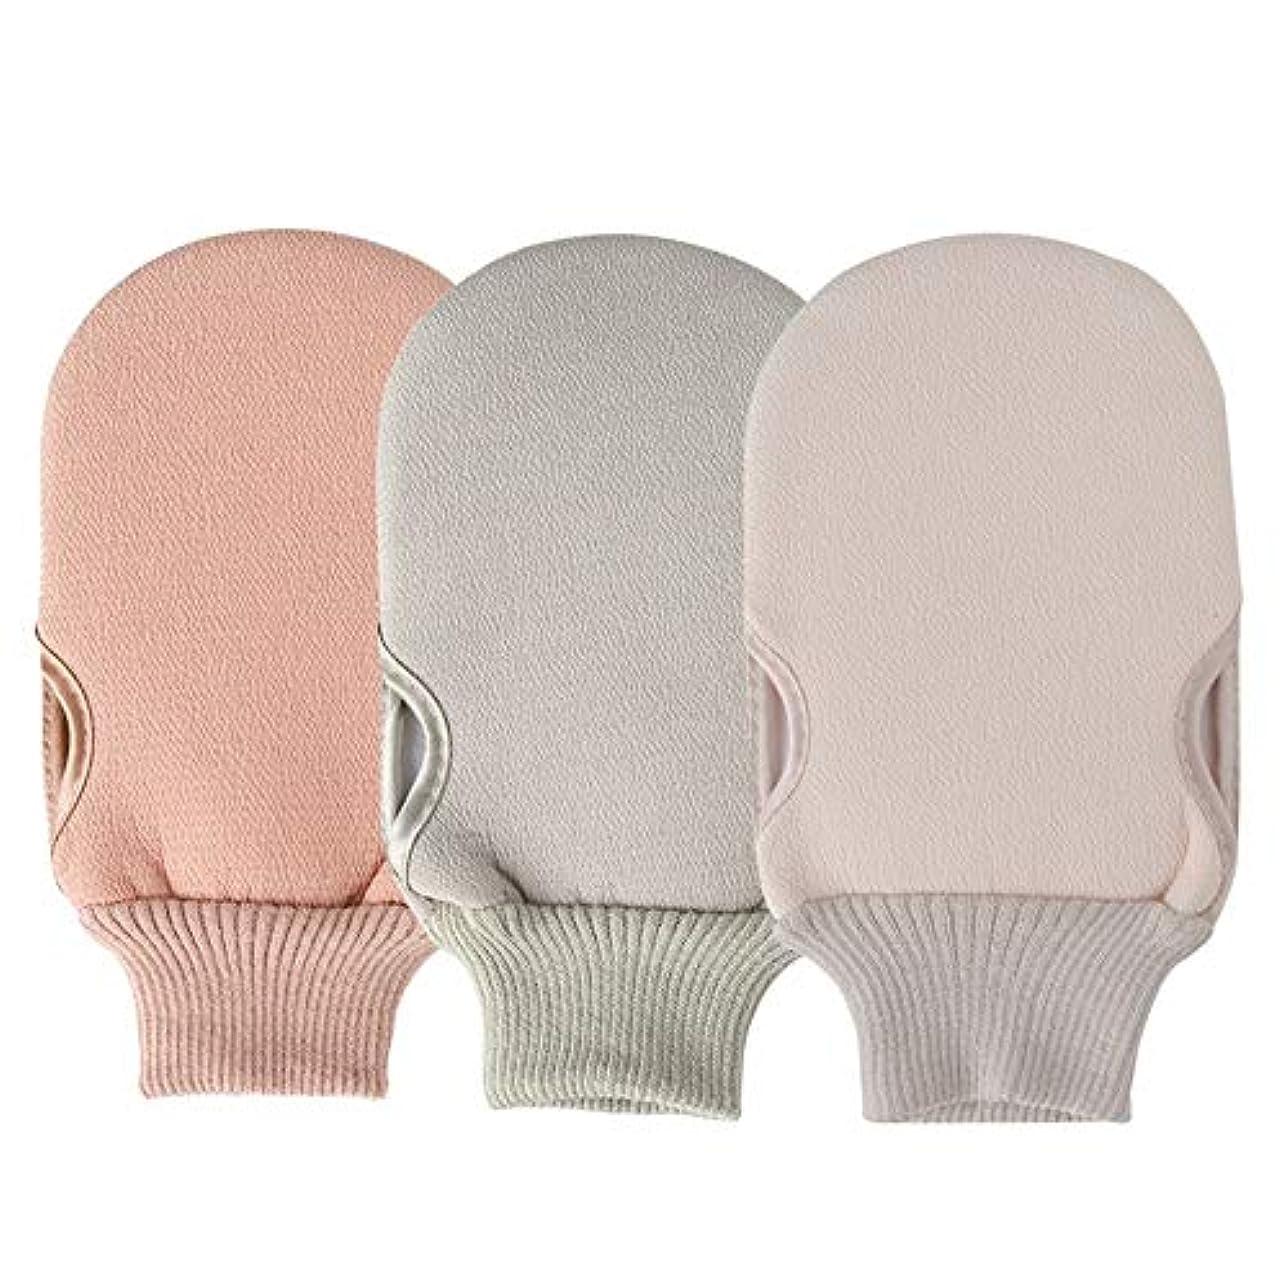 ドレスレンダリングシニスBTXXYJP お風呂用手袋 あかすり シャワー手袋 ボディブラシ やわらか ボディタオル バス用品 角質除去 (Color : Pink+green+beige)